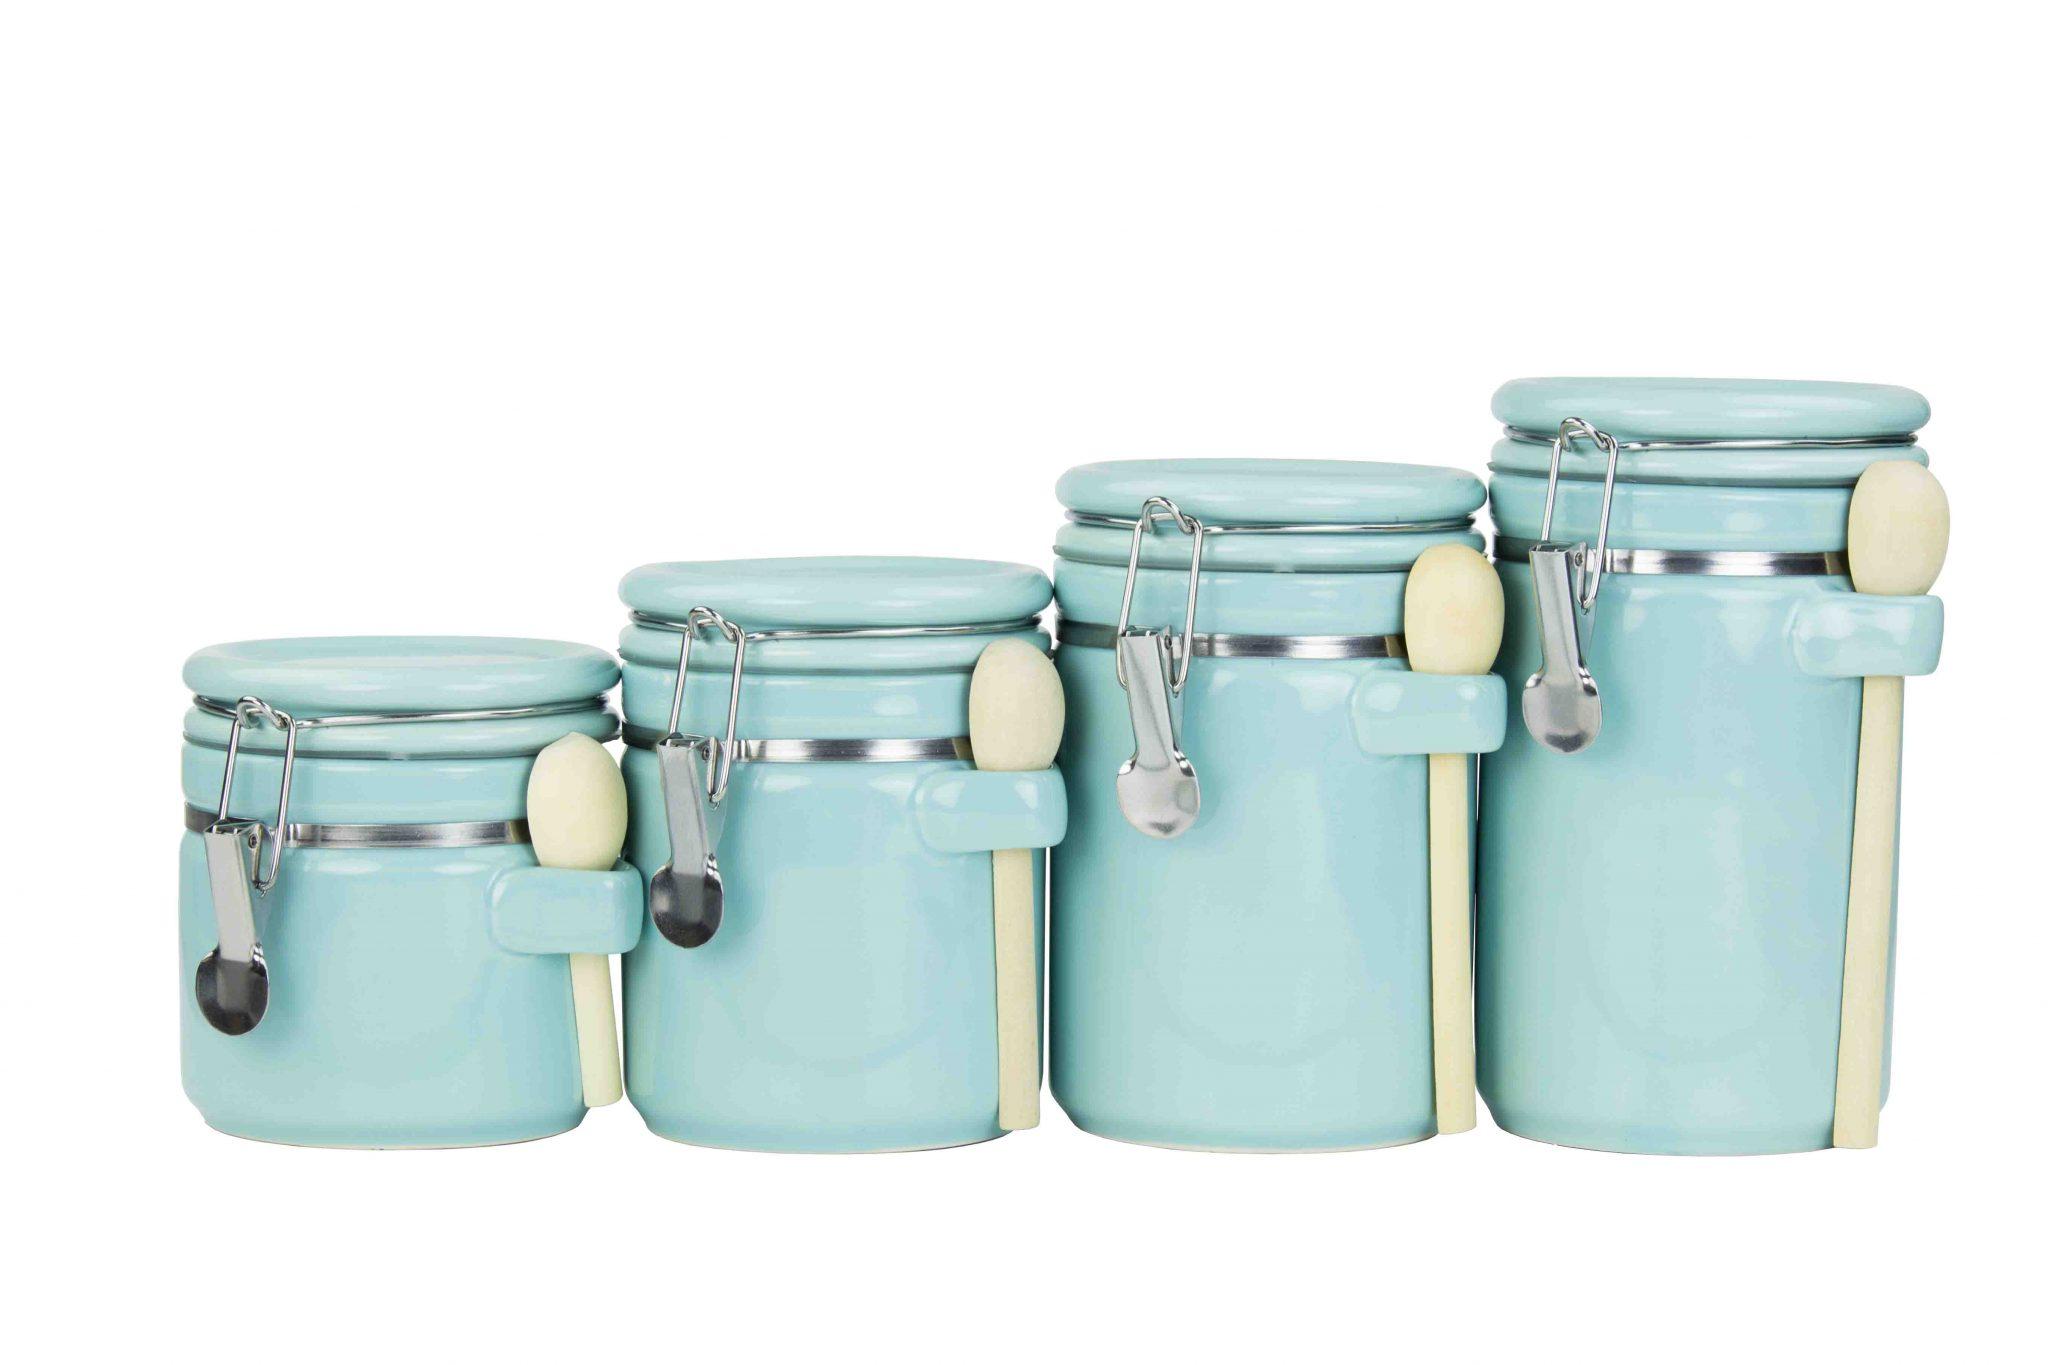 aqua canisters